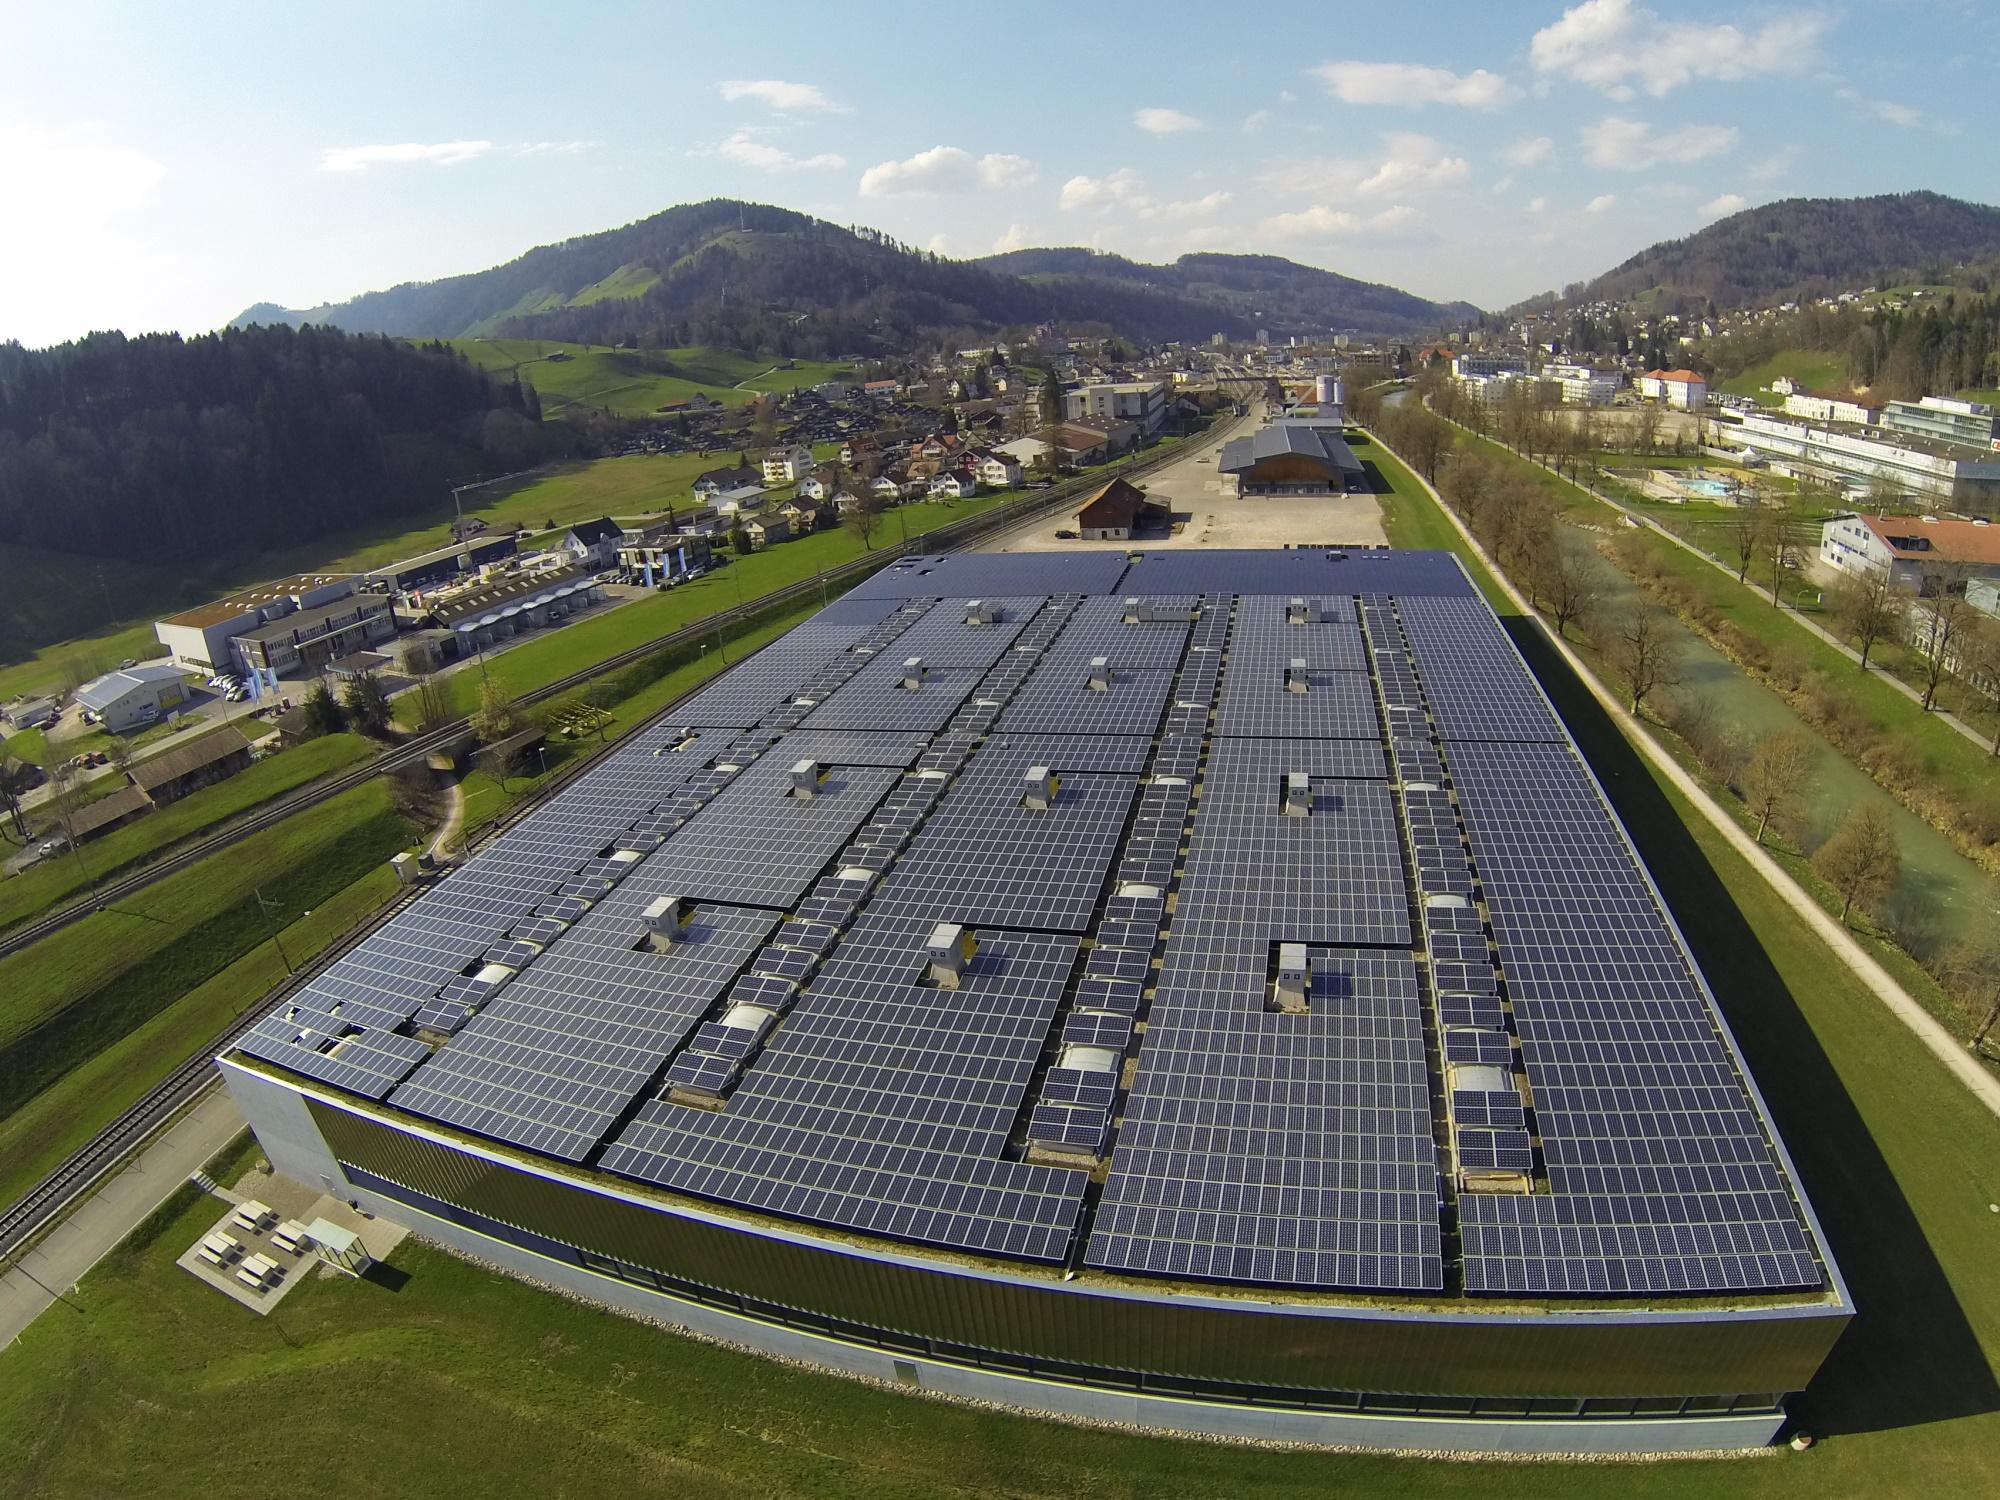 Solaranlage auf dem Dach der Högg AG Produktionstechnik an der Austrasse 25 in Wattwil - Högg AG Produktionstechnik